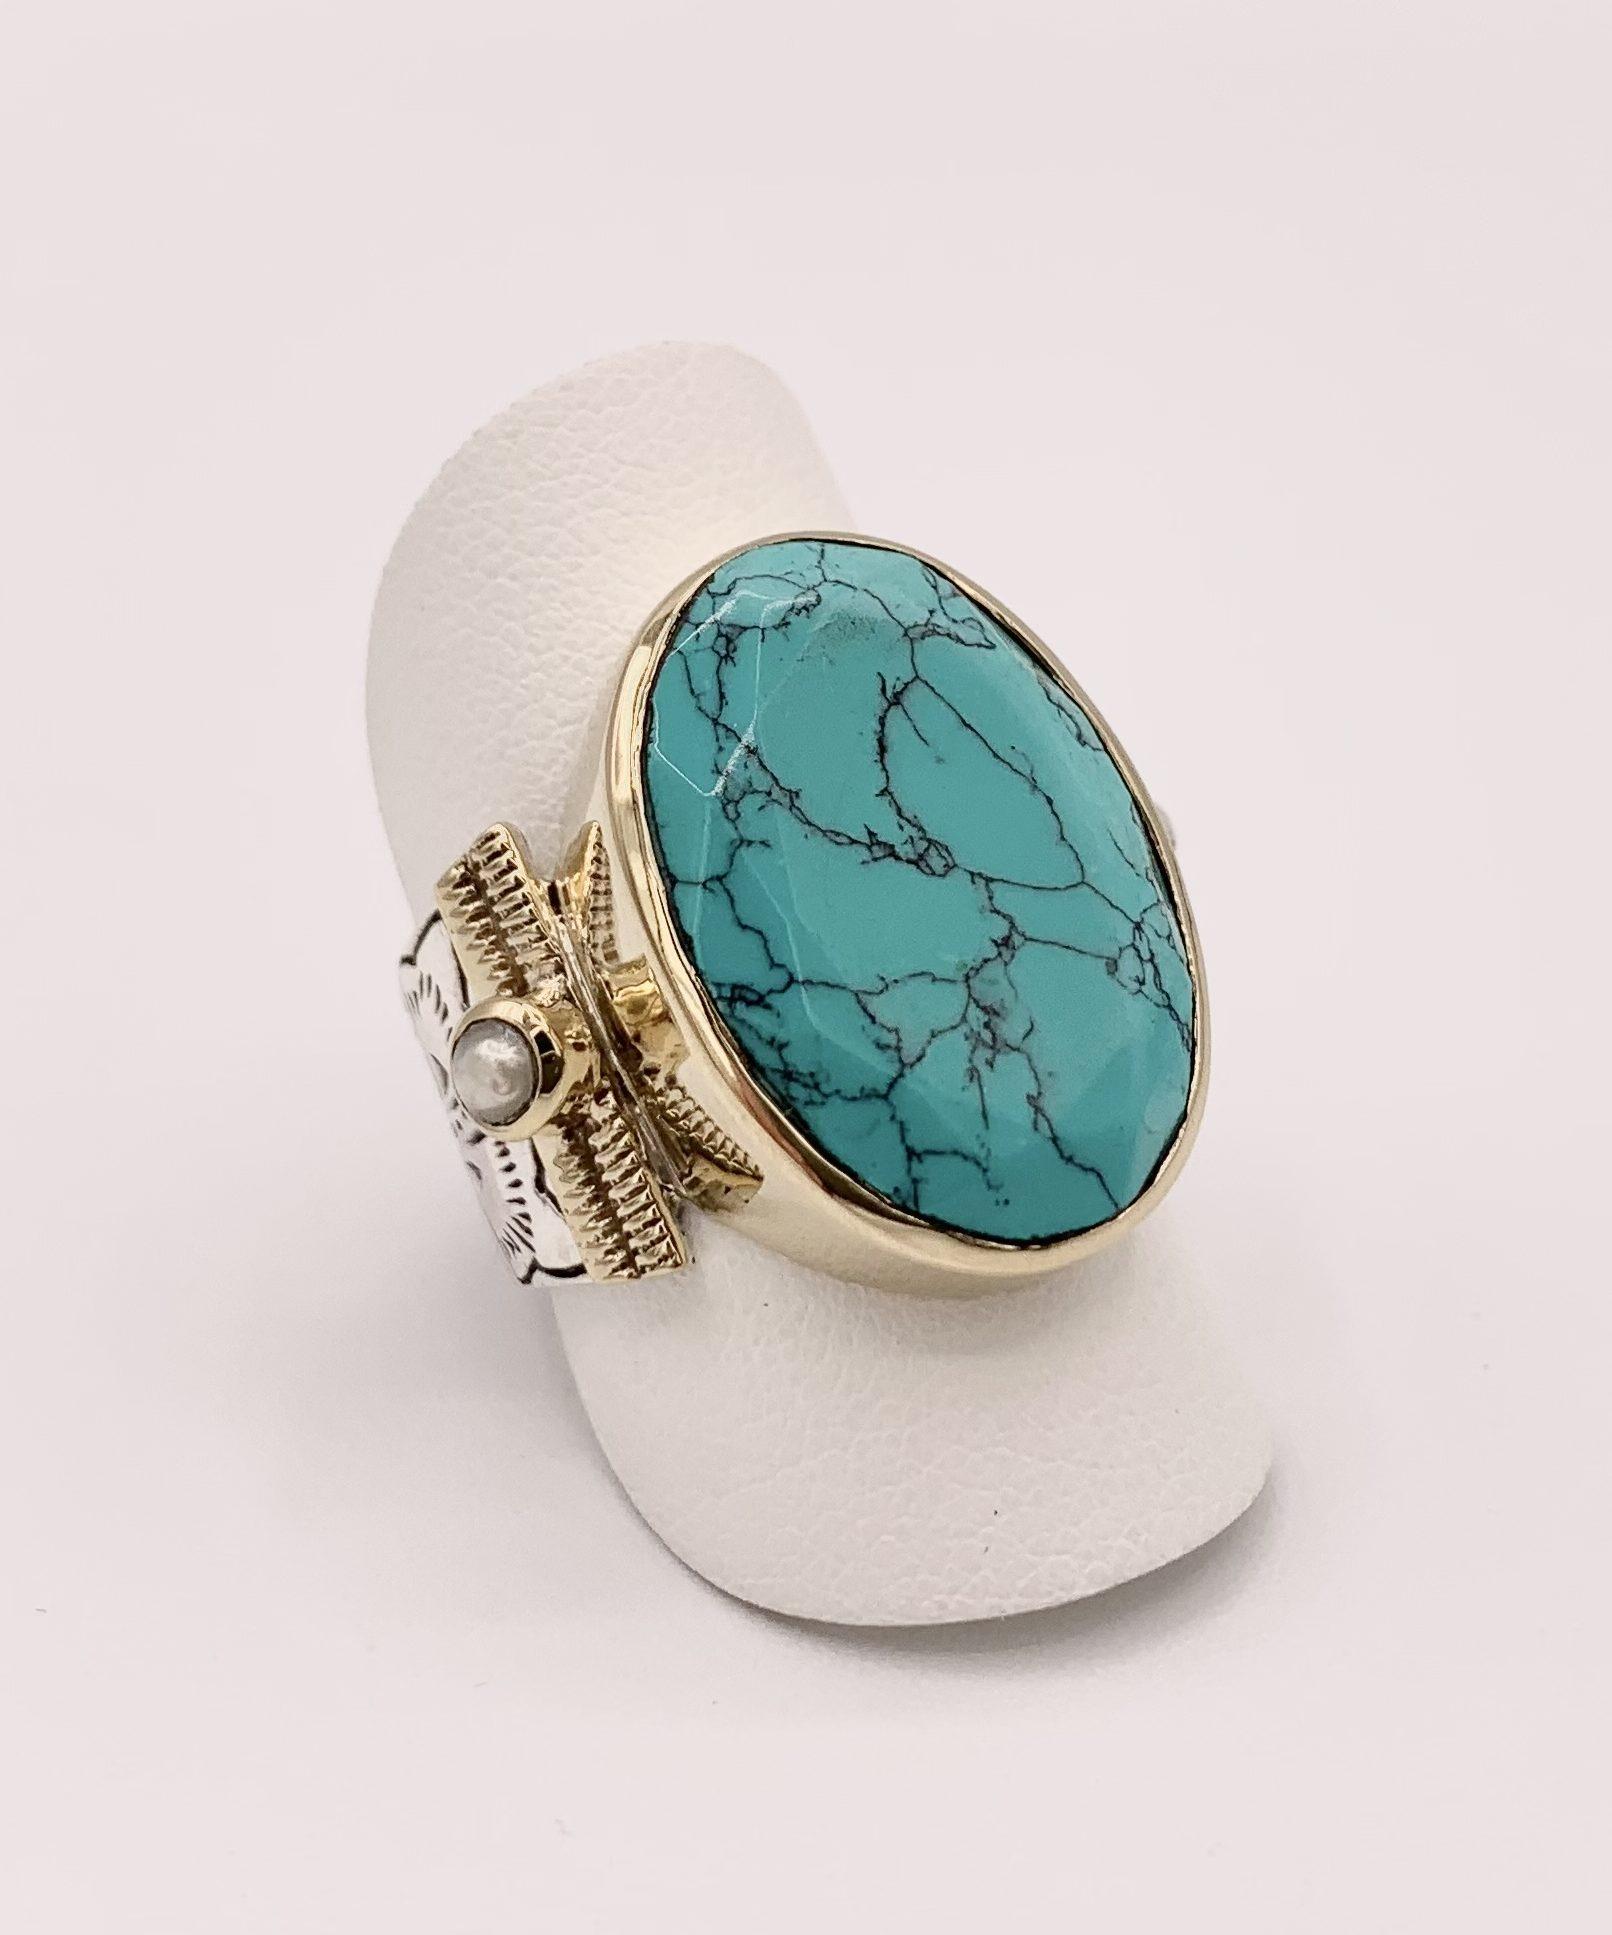 Bague Canyon Gabin | Marie K boutique de bijoux en argent